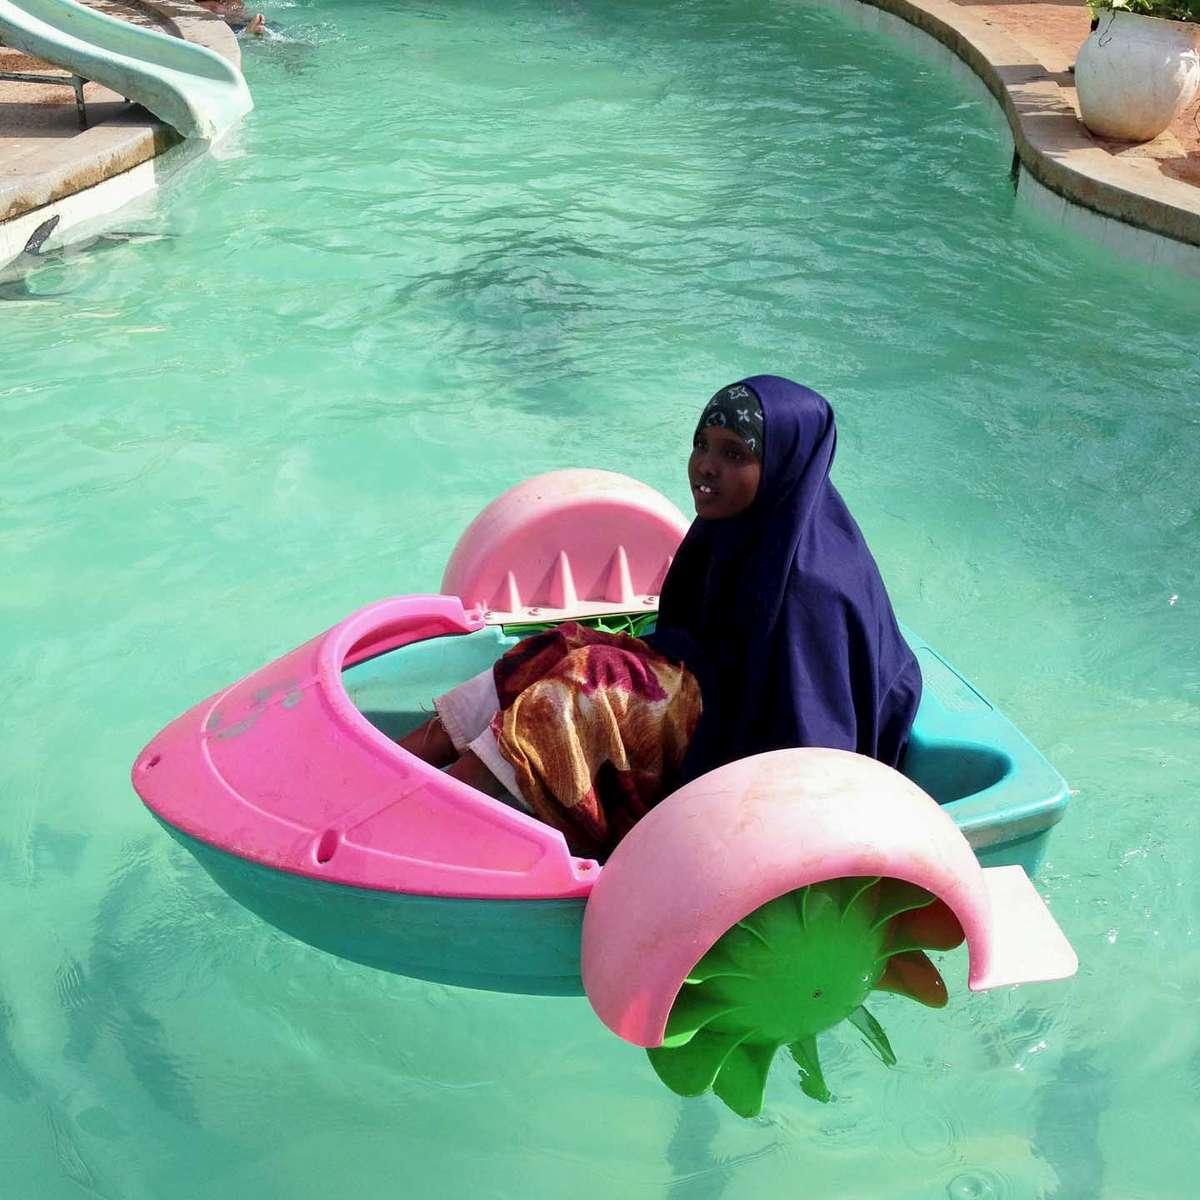 A Somali refugee plays at a water park on family day in Nairobi, Kenya. November 2013.